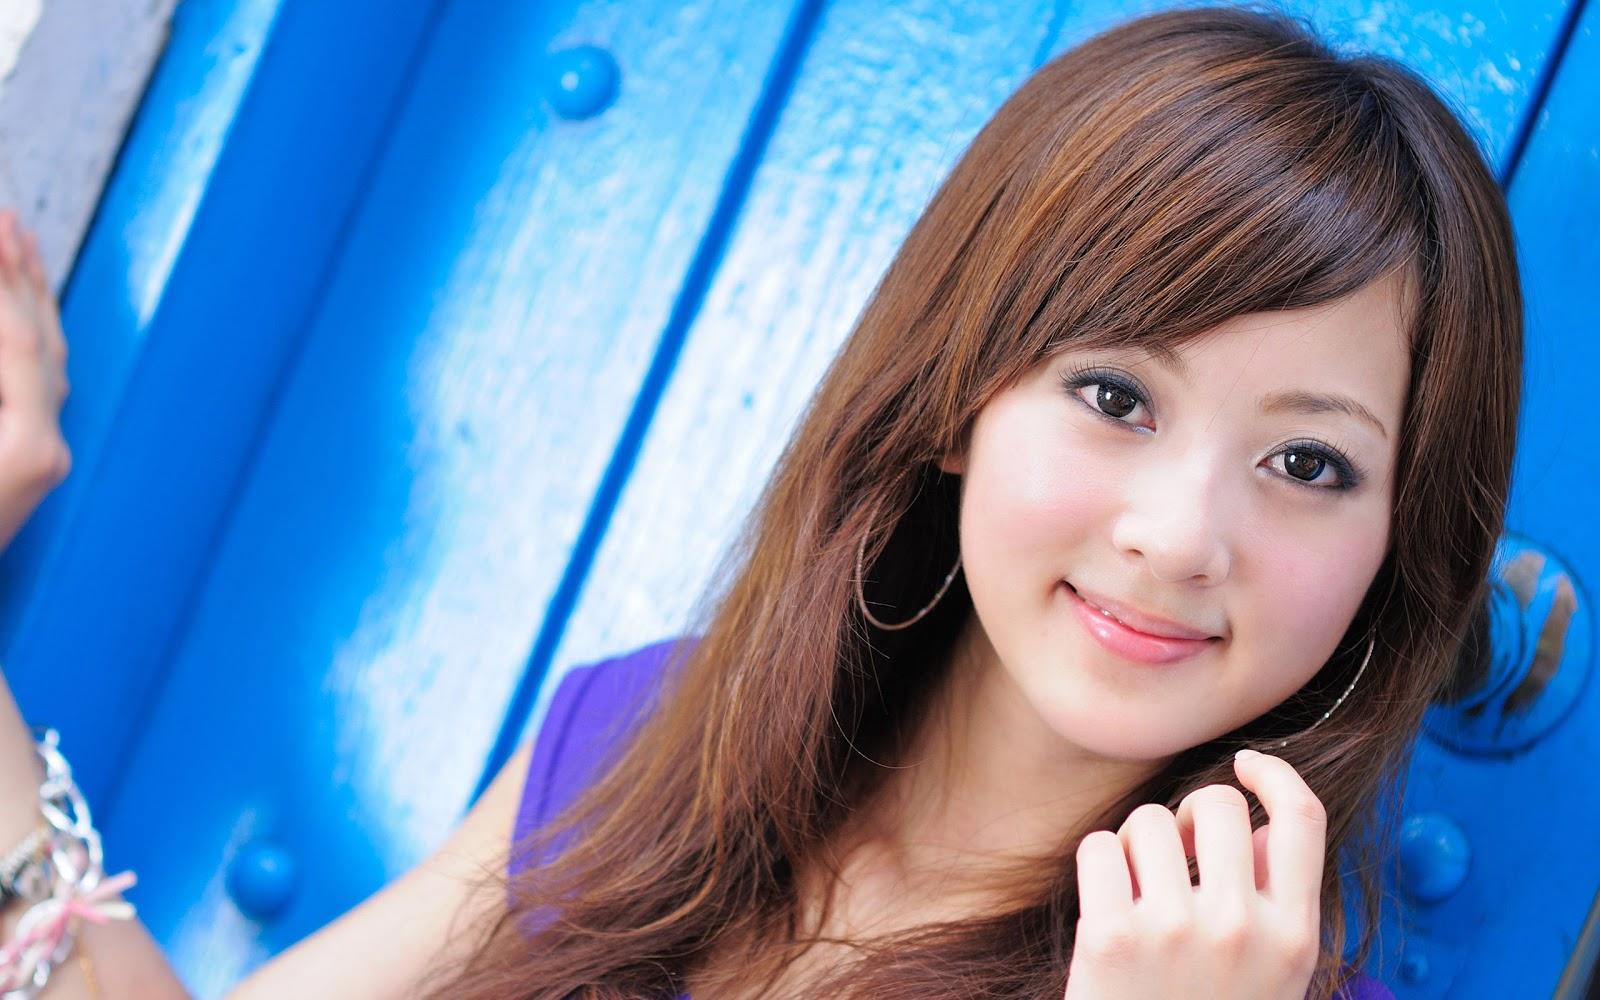 Mikako Zhang 36179 1600x1000px 1600x1000